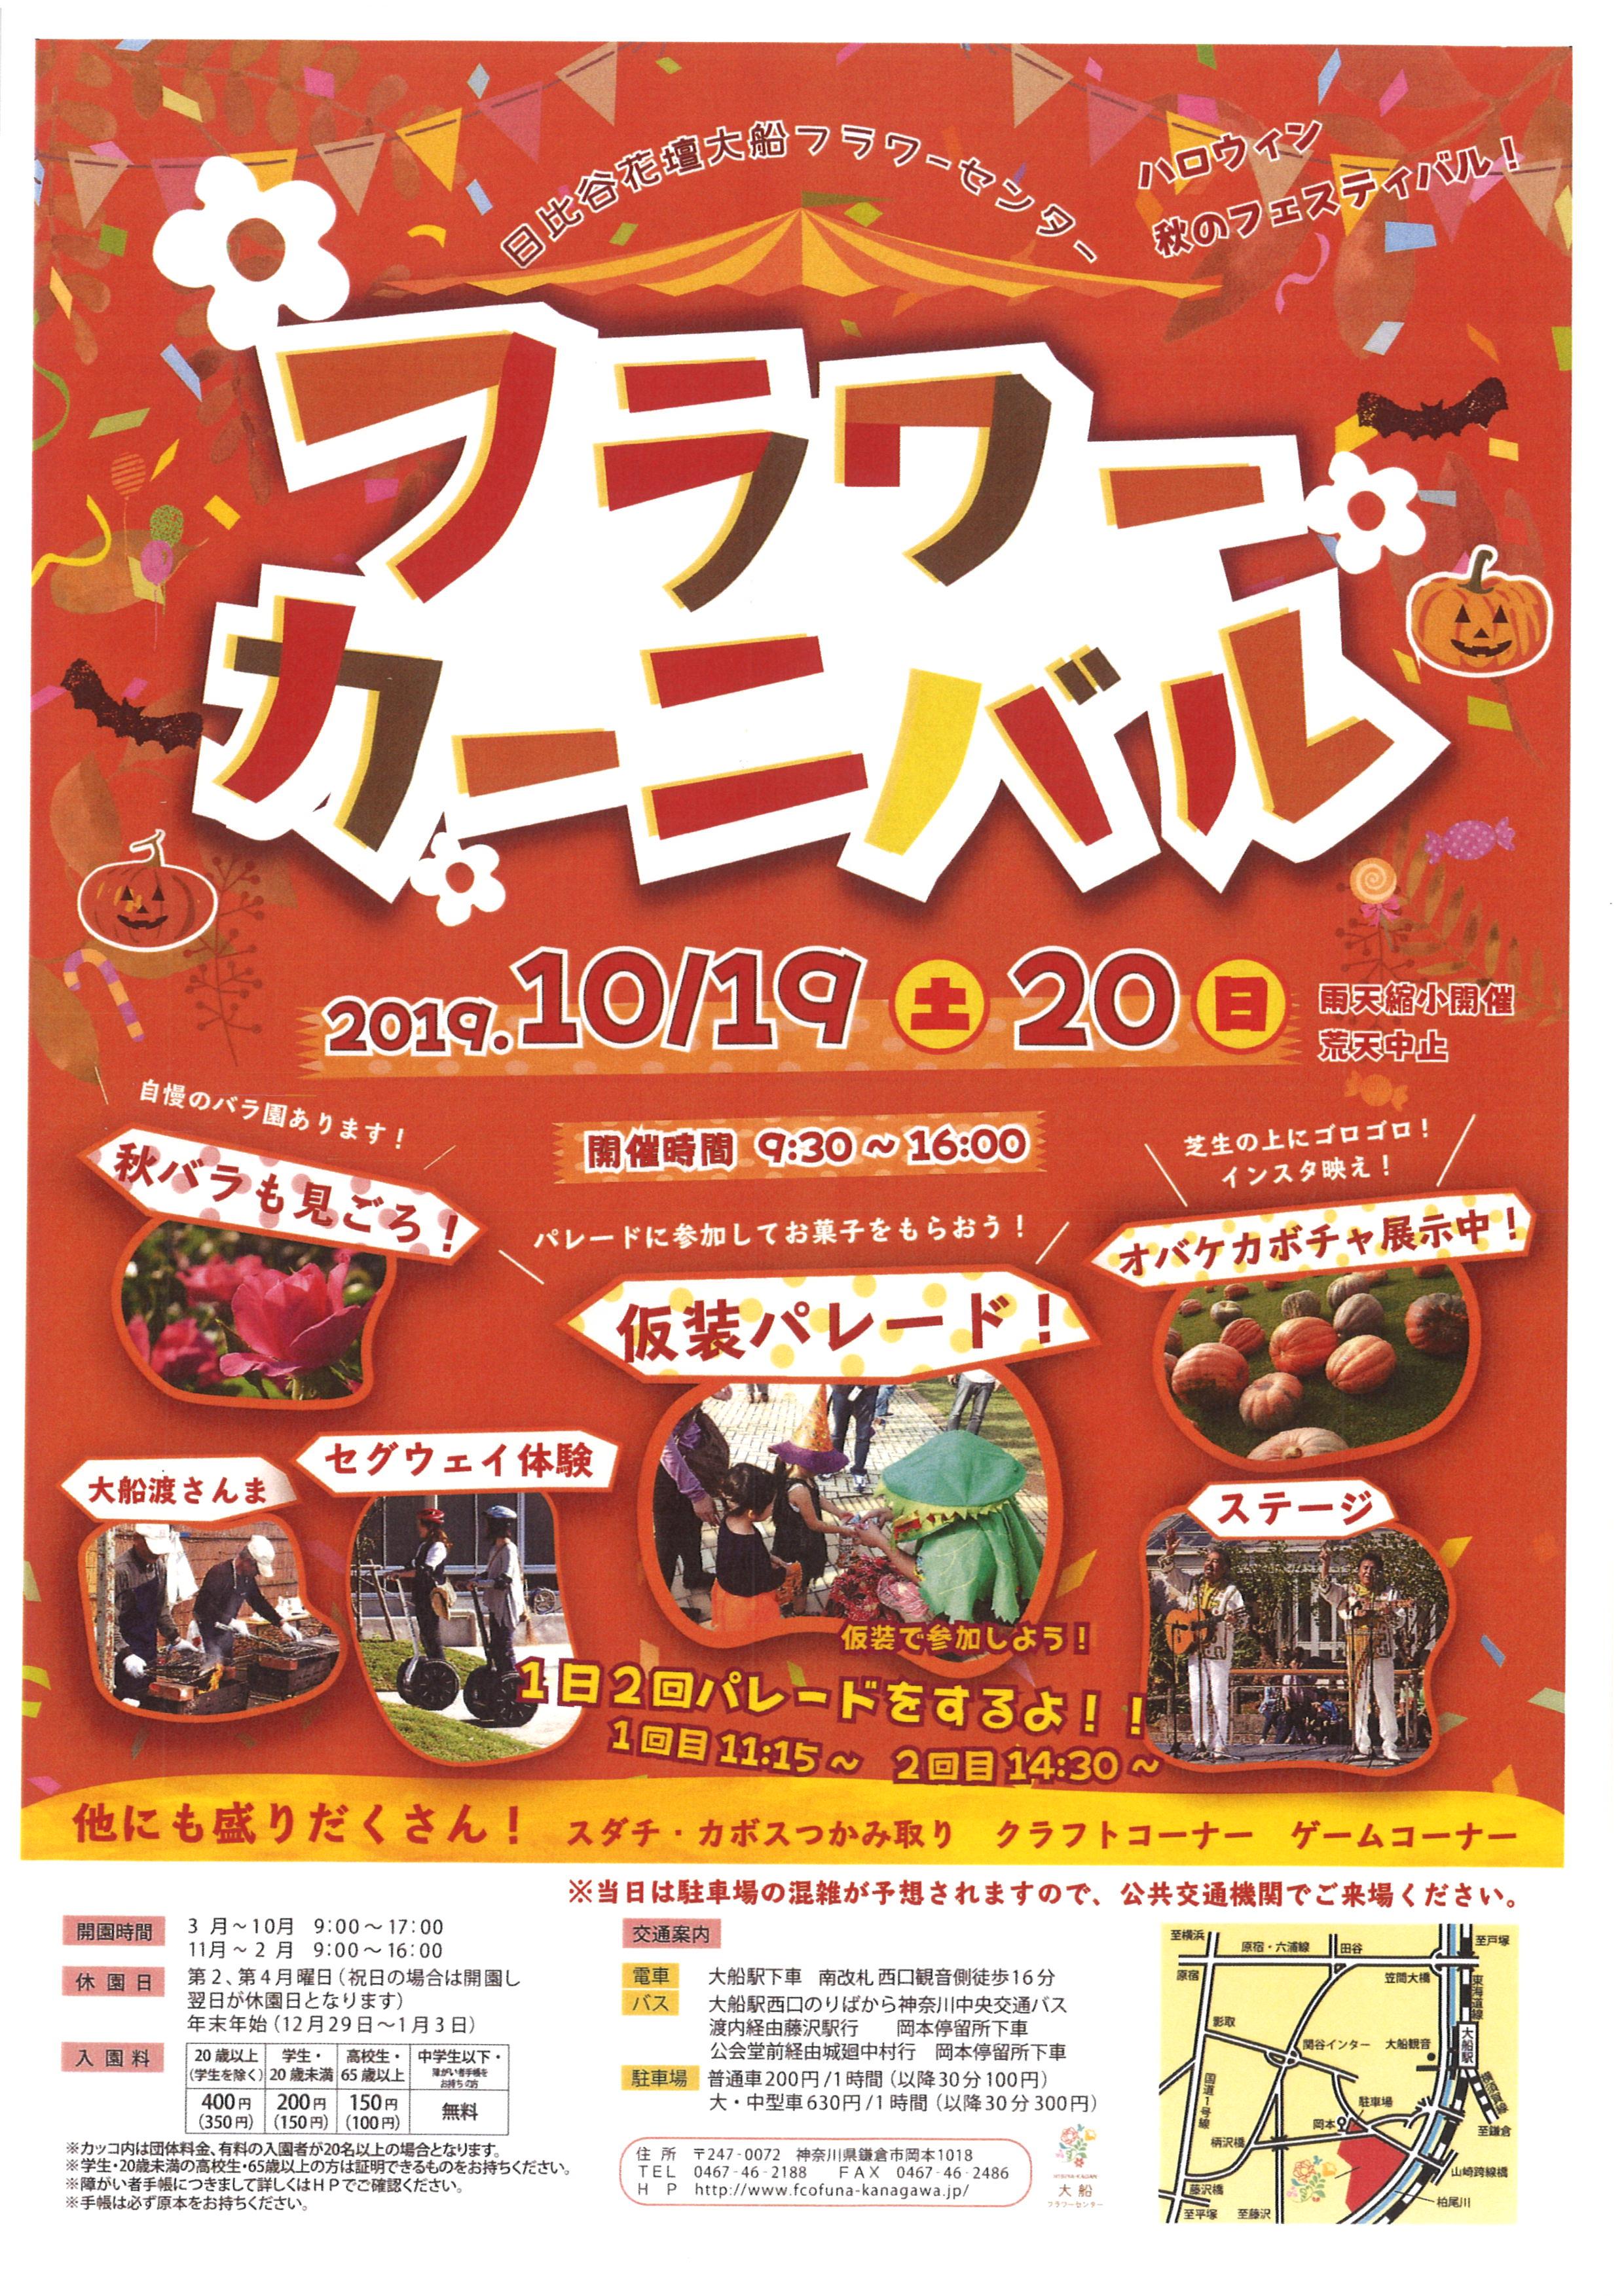 【鎌倉】フラワーカーニバルが大船で2019年10月19,20日に開催されます。おばけかぼちゃはすでに展示中。